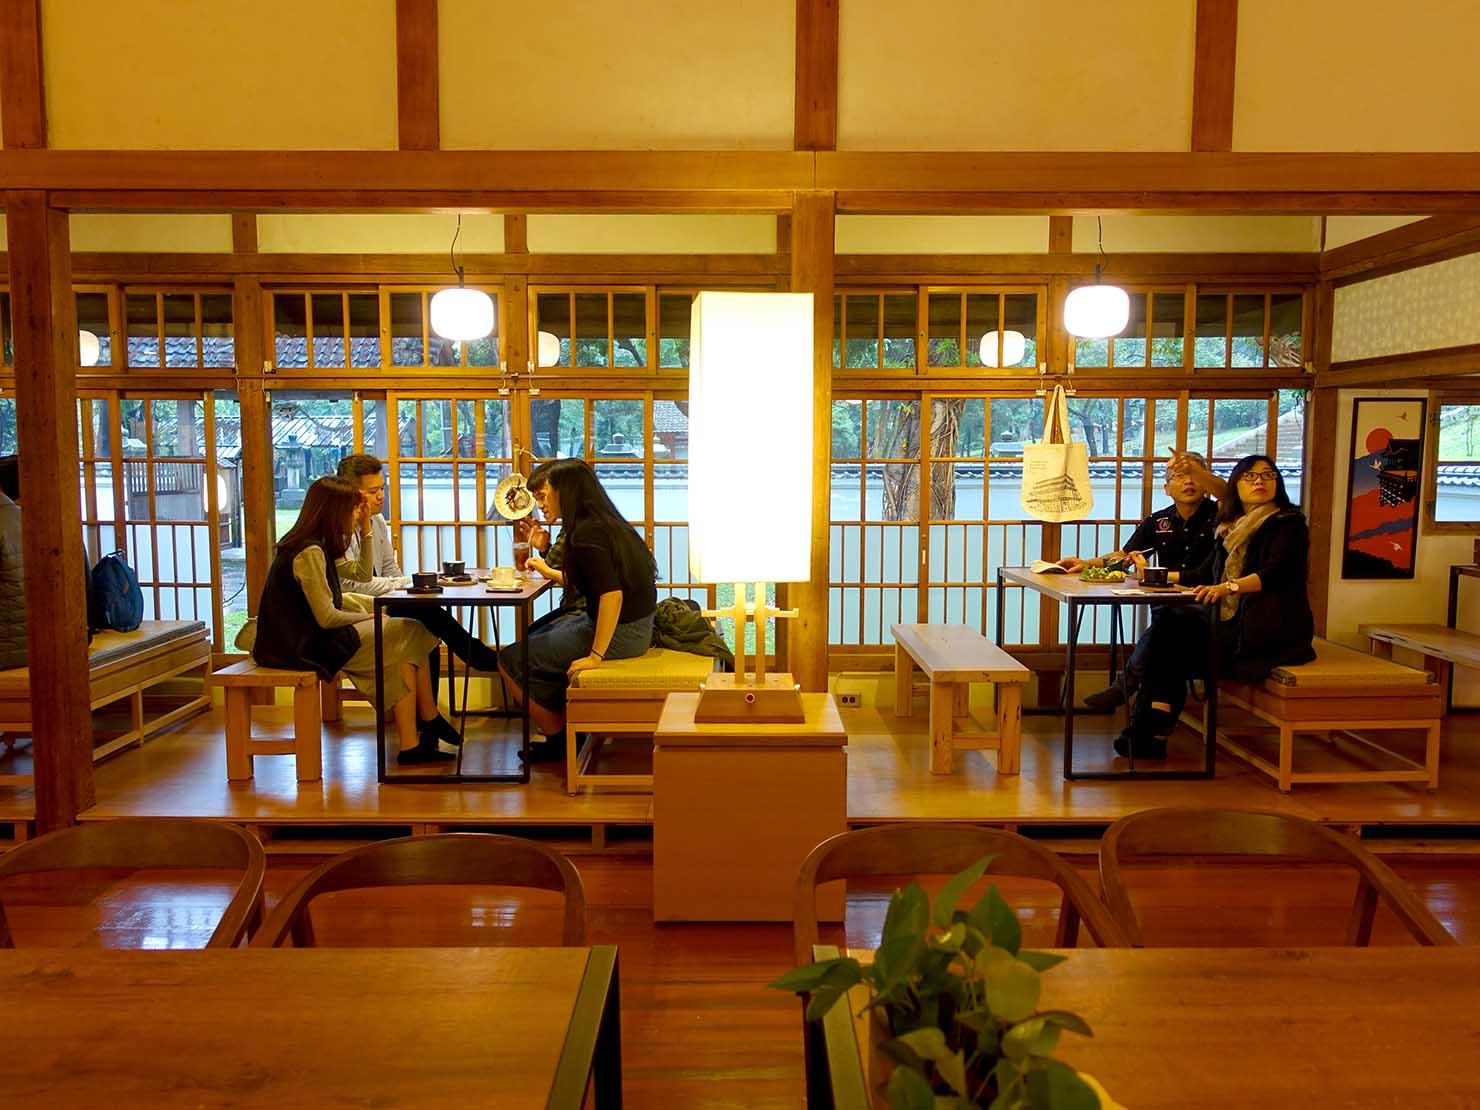 嘉義のおすすめ観光スポット「嘉義市史蹟資料館」のカフェスペース